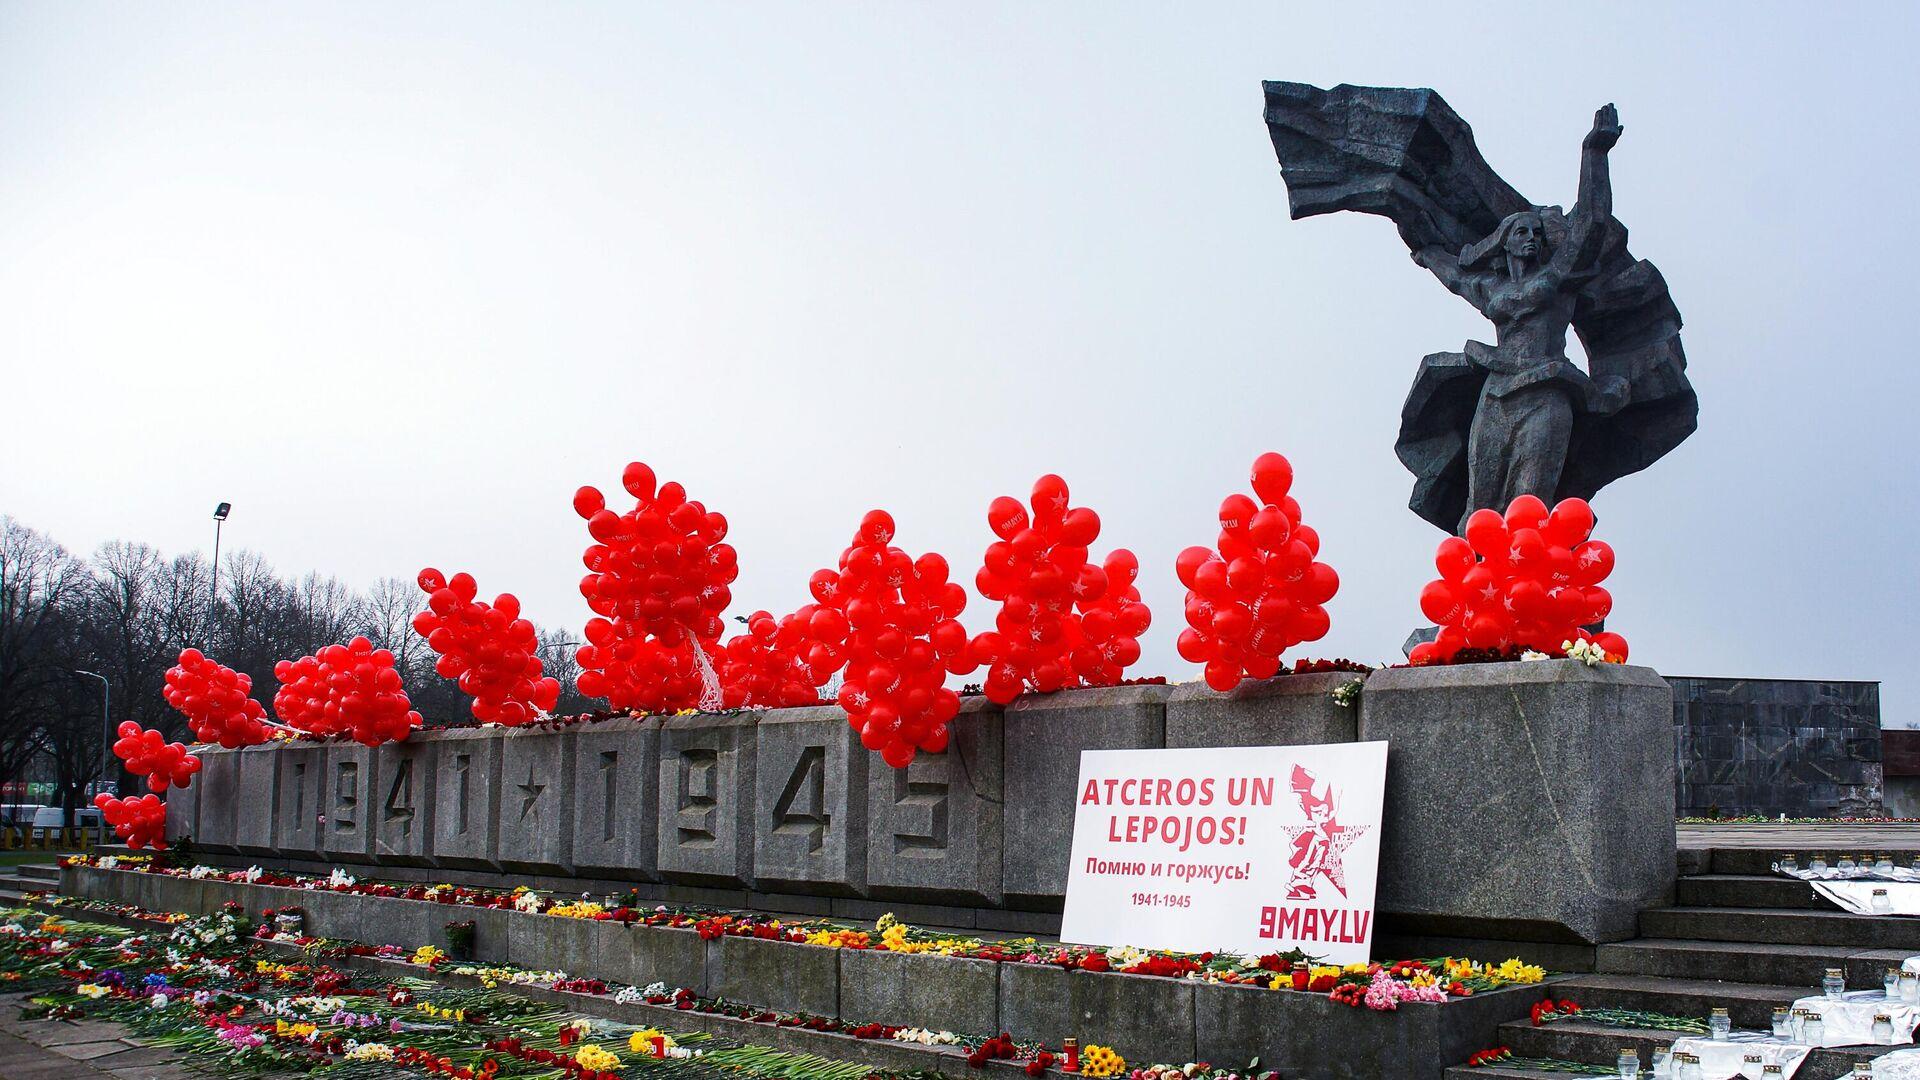 Воздушные шары и цветы у памятника Освободителям в Парке Победы в Риге в День Победы - РИА Новости, 1920, 11.05.2021